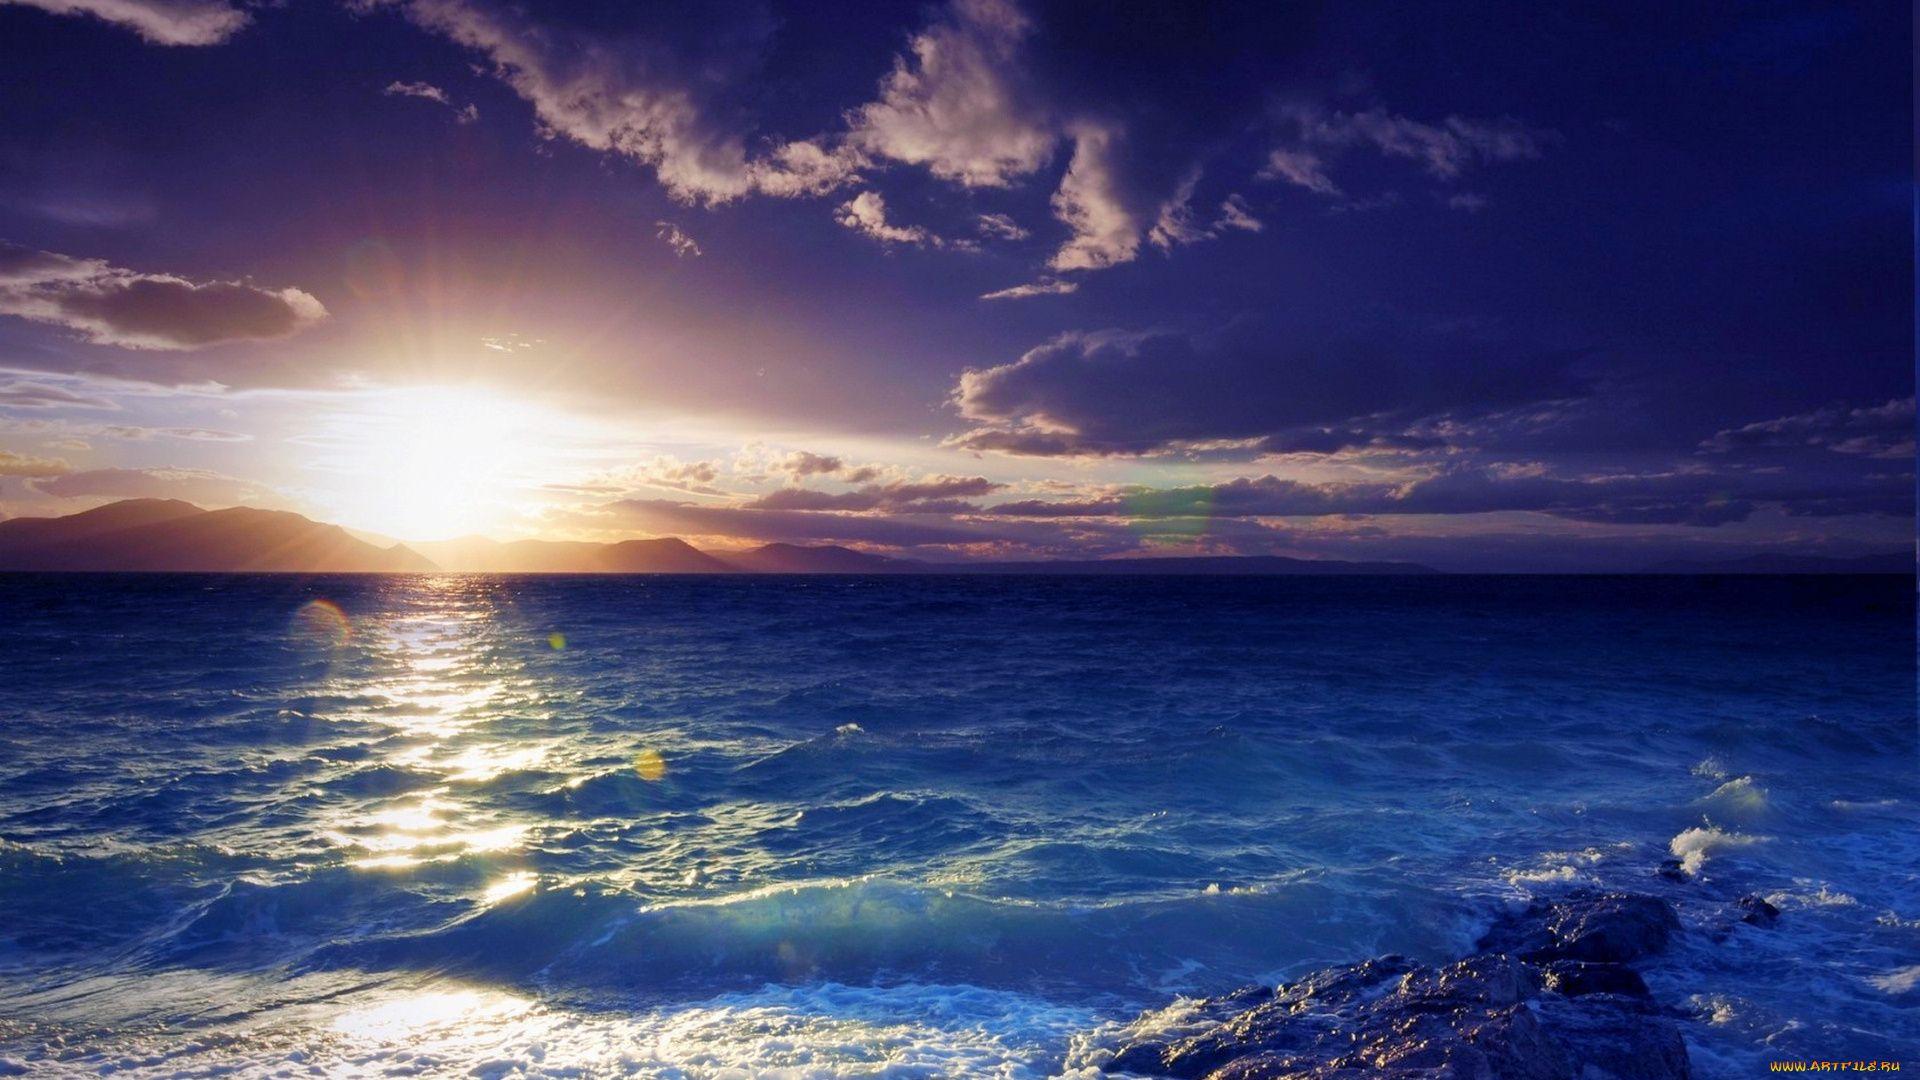 Ocean Sunset full wallpaper